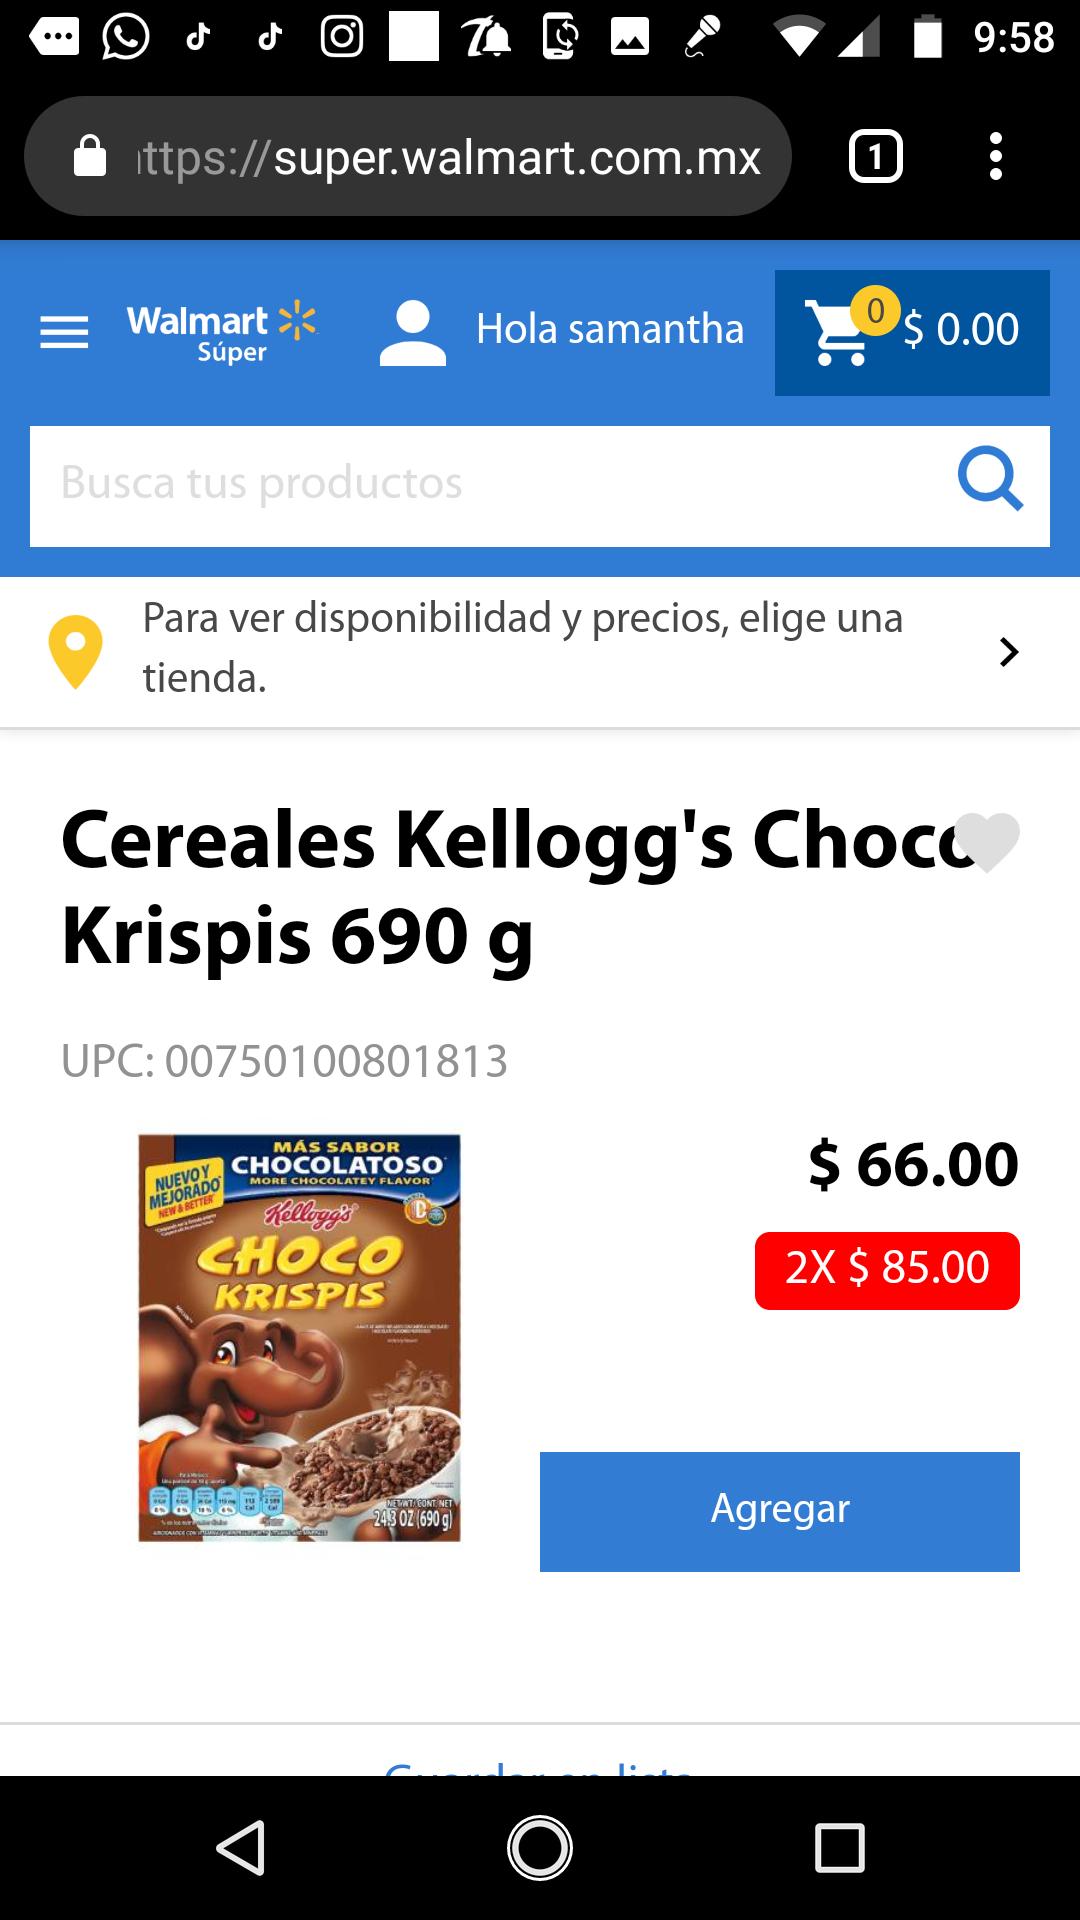 Walmart: Dos Choco Krispis por 85